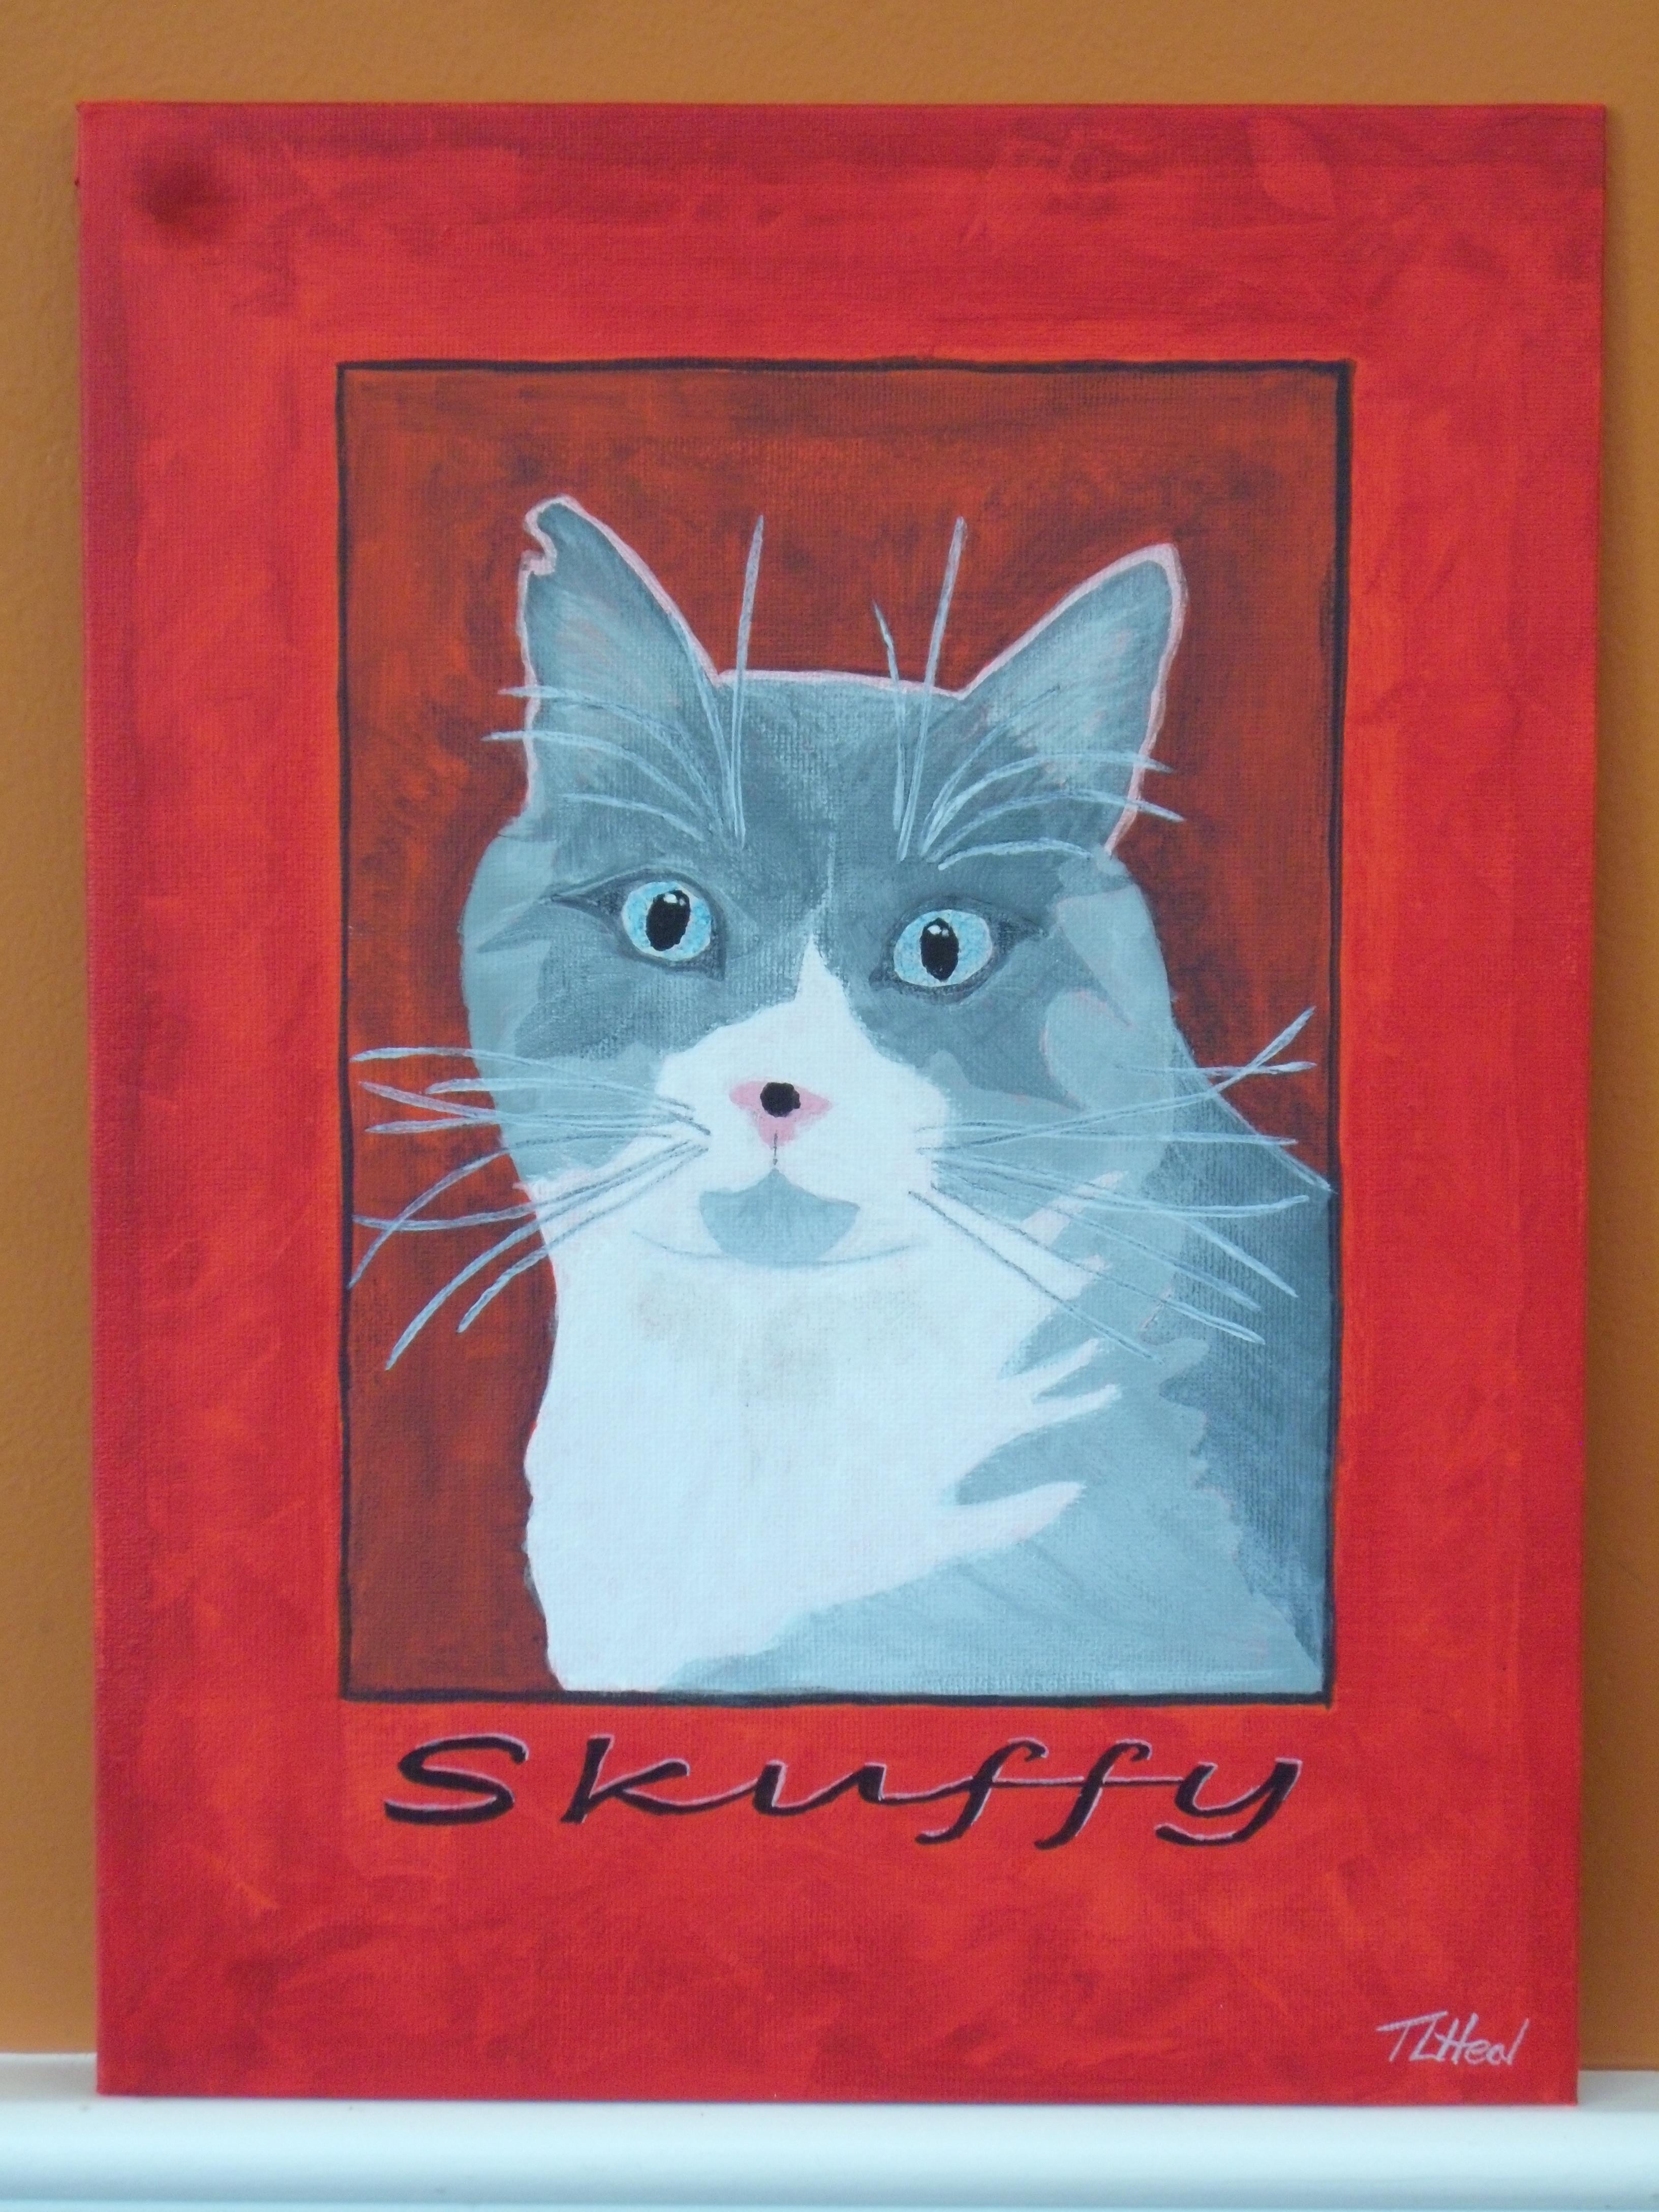 Skuffy